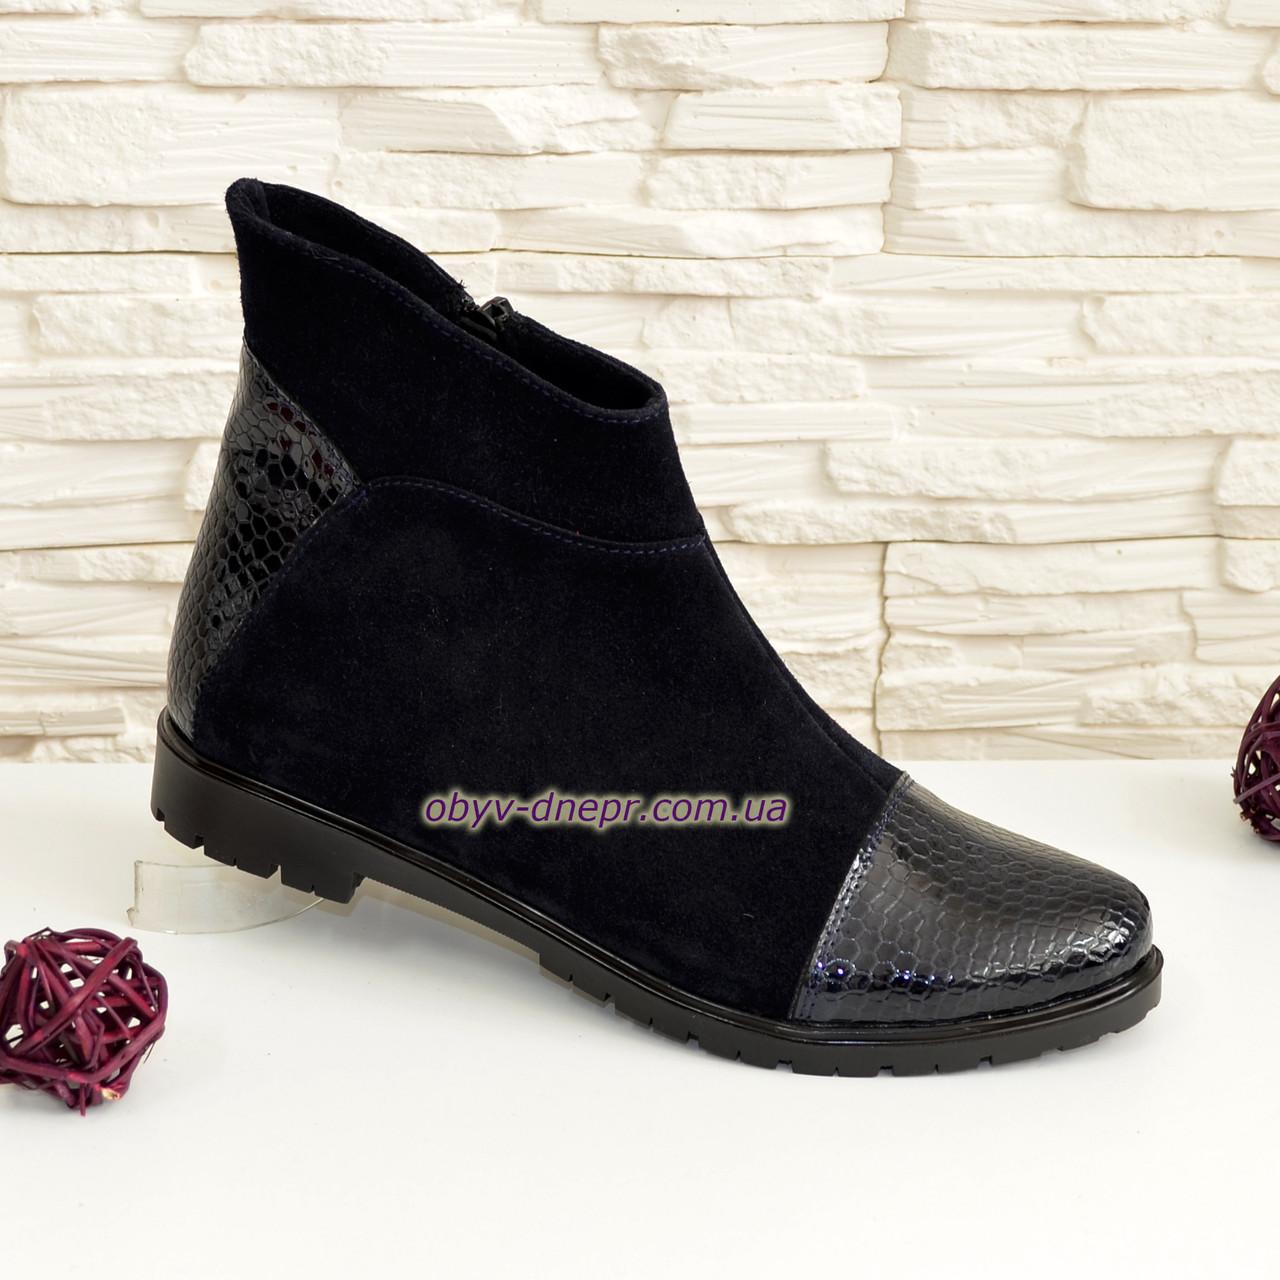 """Женские зимние ботинки на низком ходу, натуральный замш и кожа """"питон"""" синего цвета."""